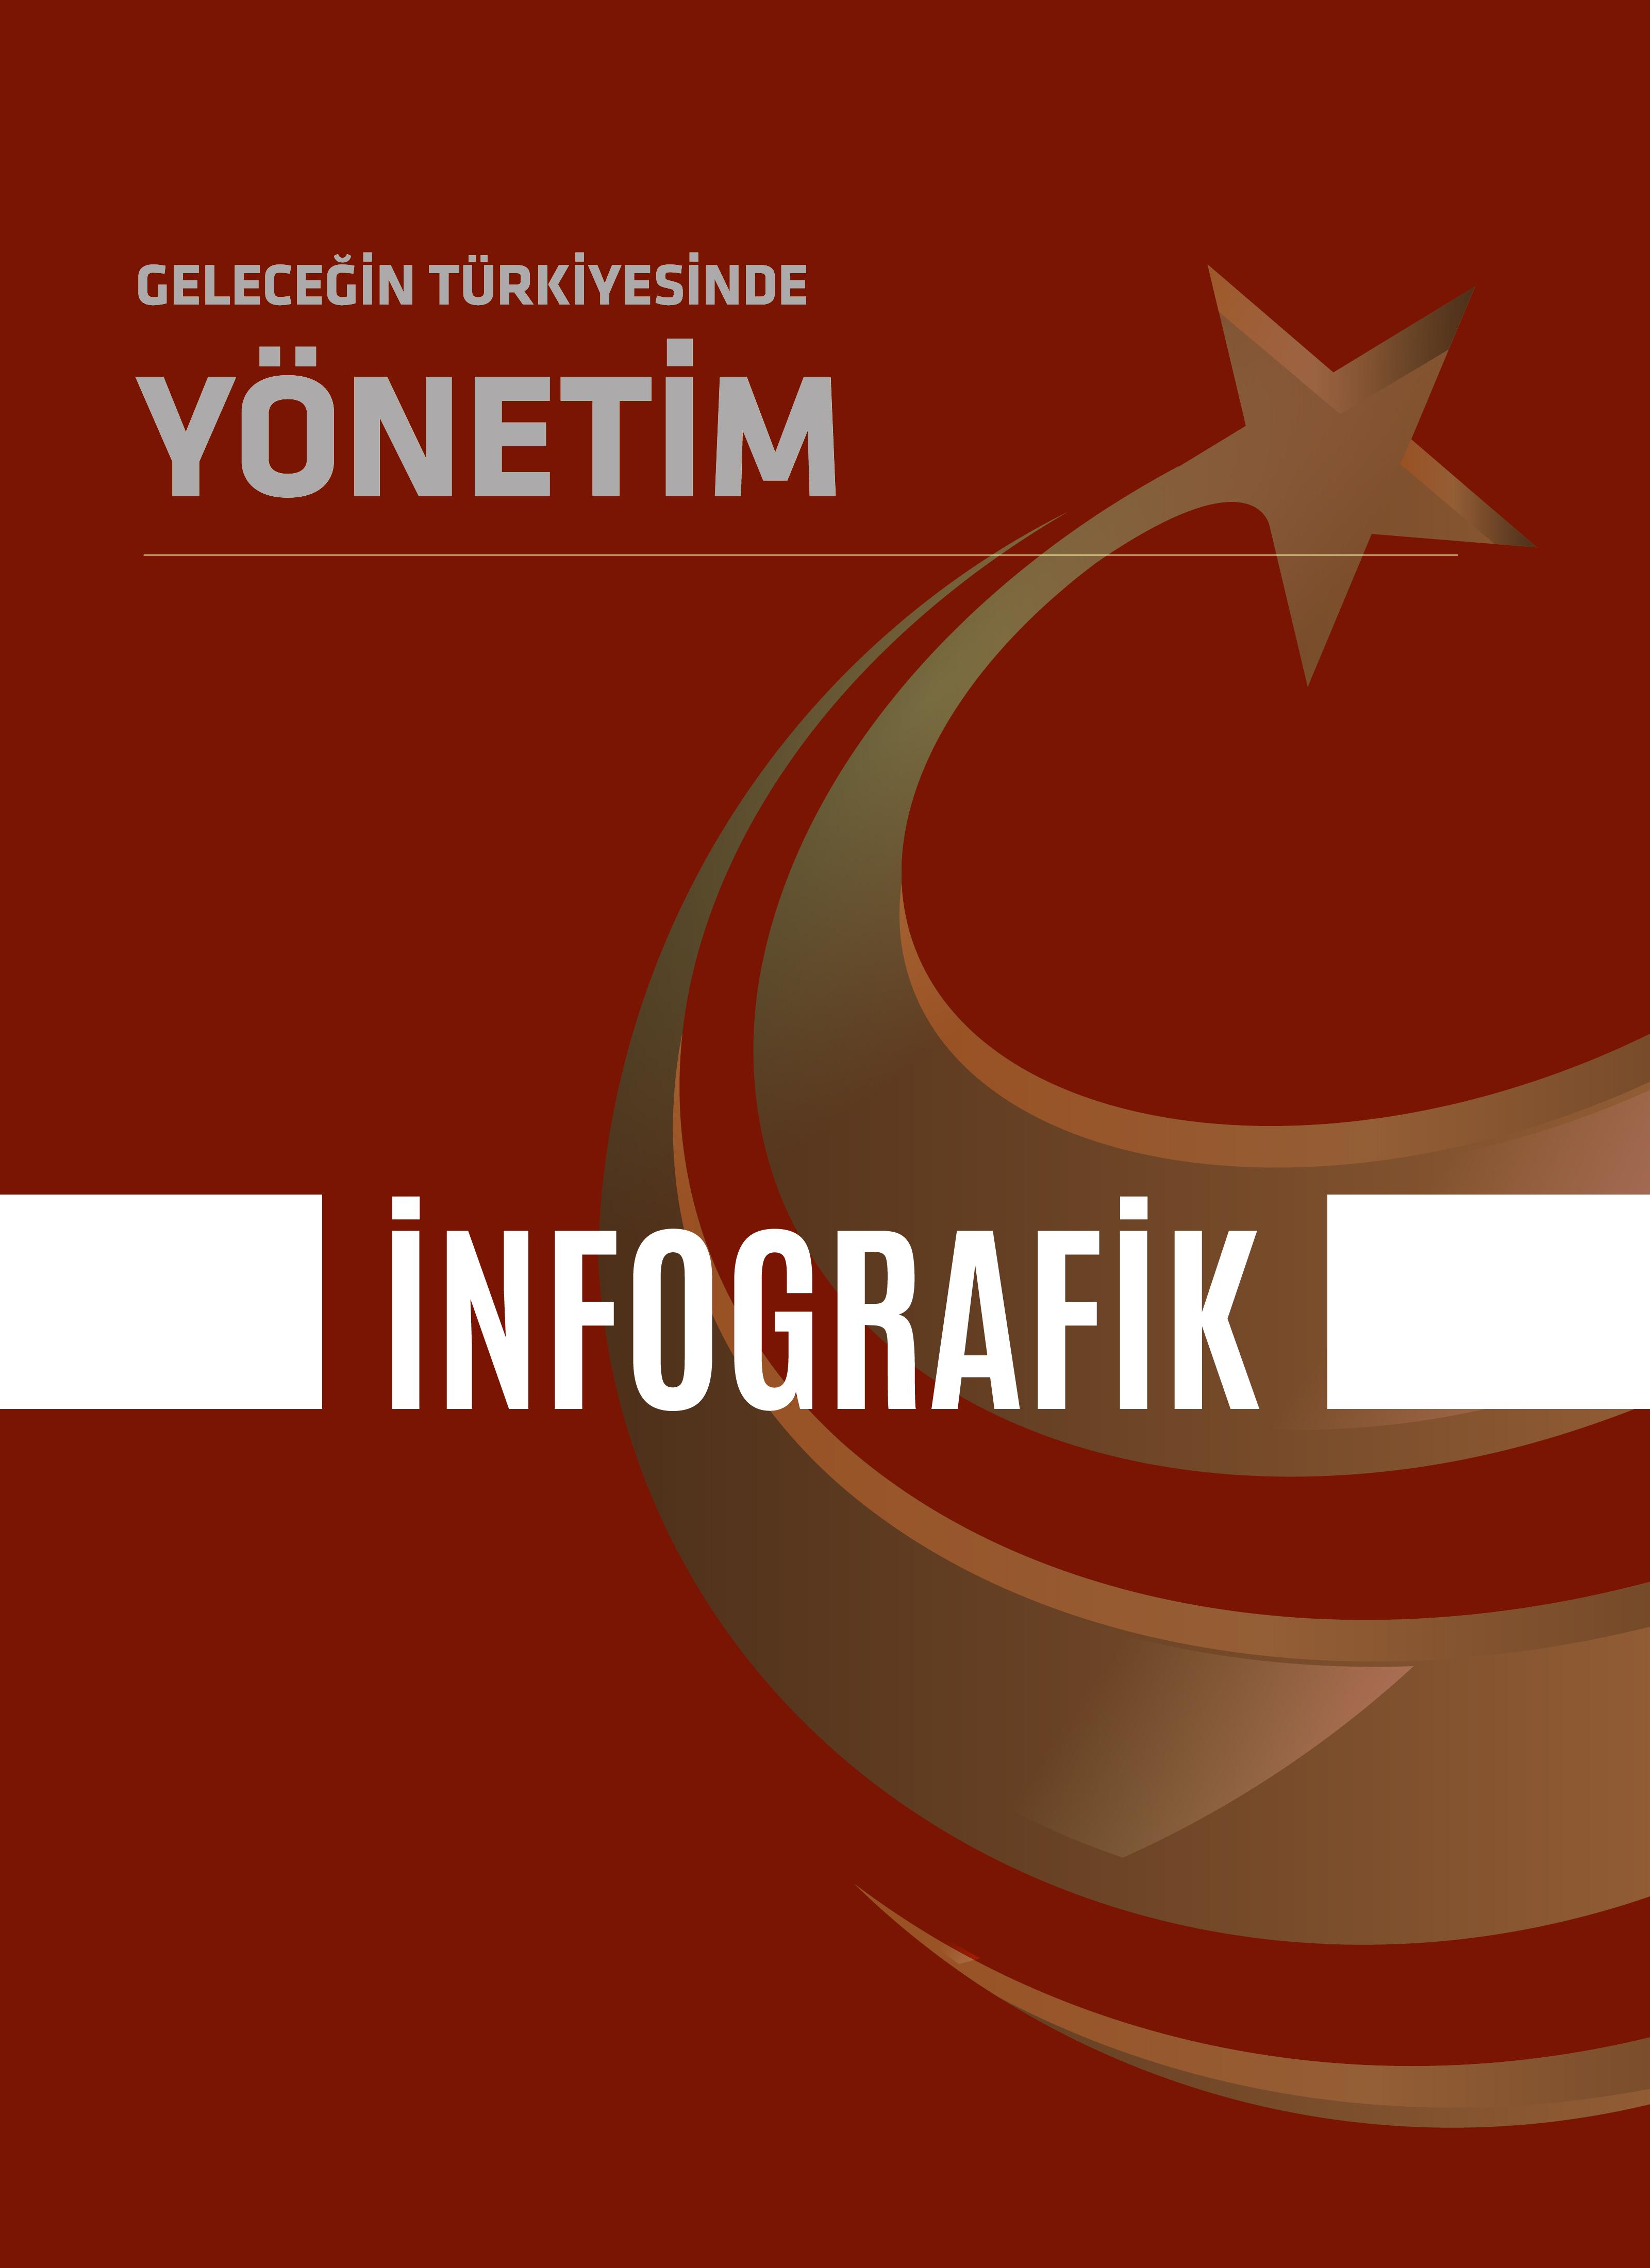 İnfografik |Geleceğin Türkiyesinde Yönetim